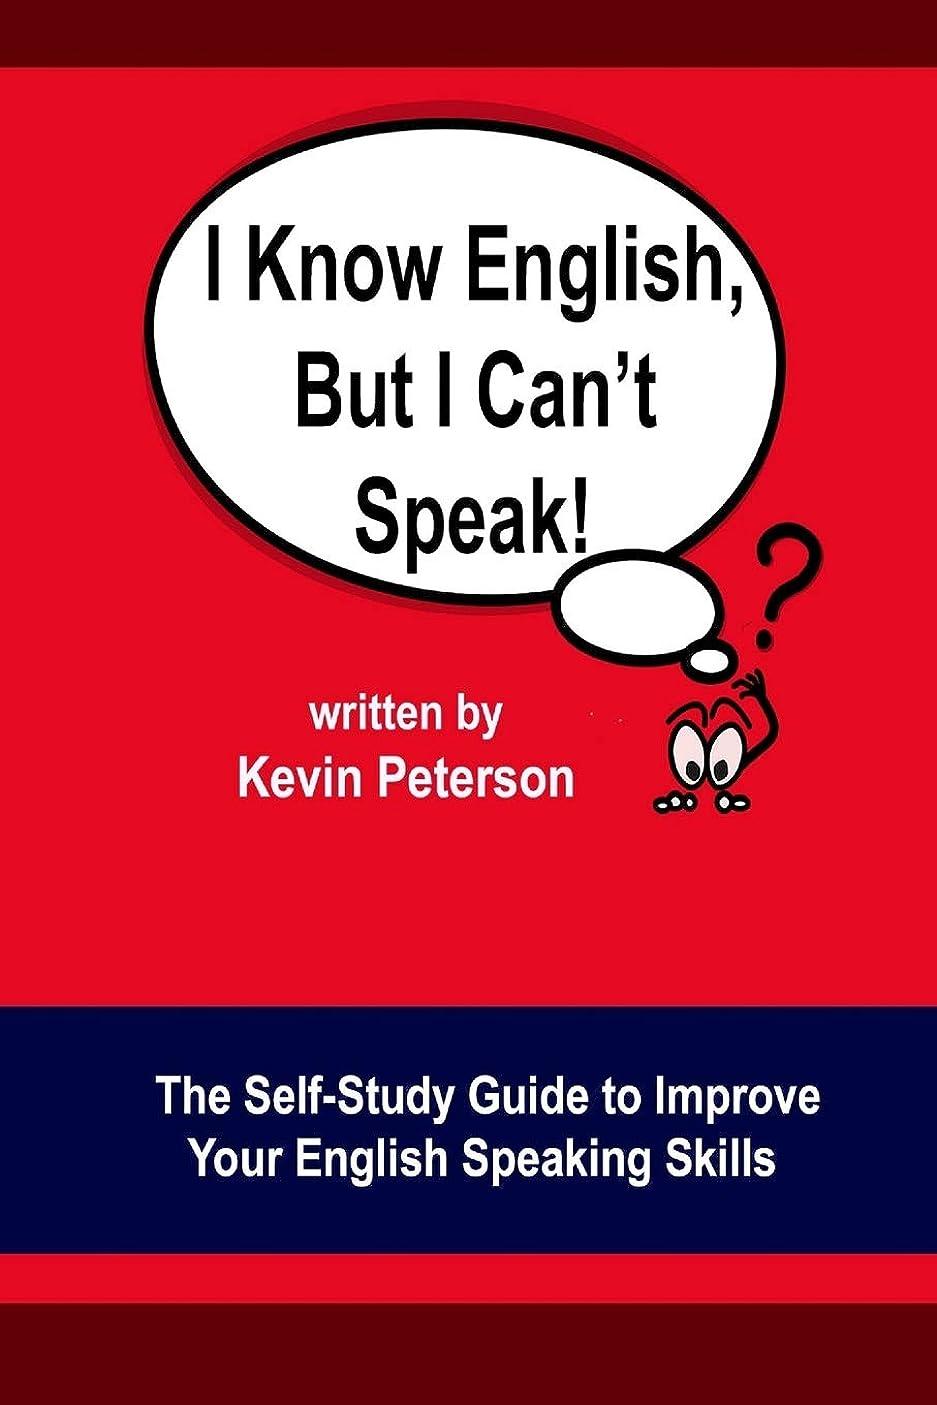 によると反論遮るI Know English, But I Can't Speak: The Self Study Guide to Improve Your English Speaking Skills